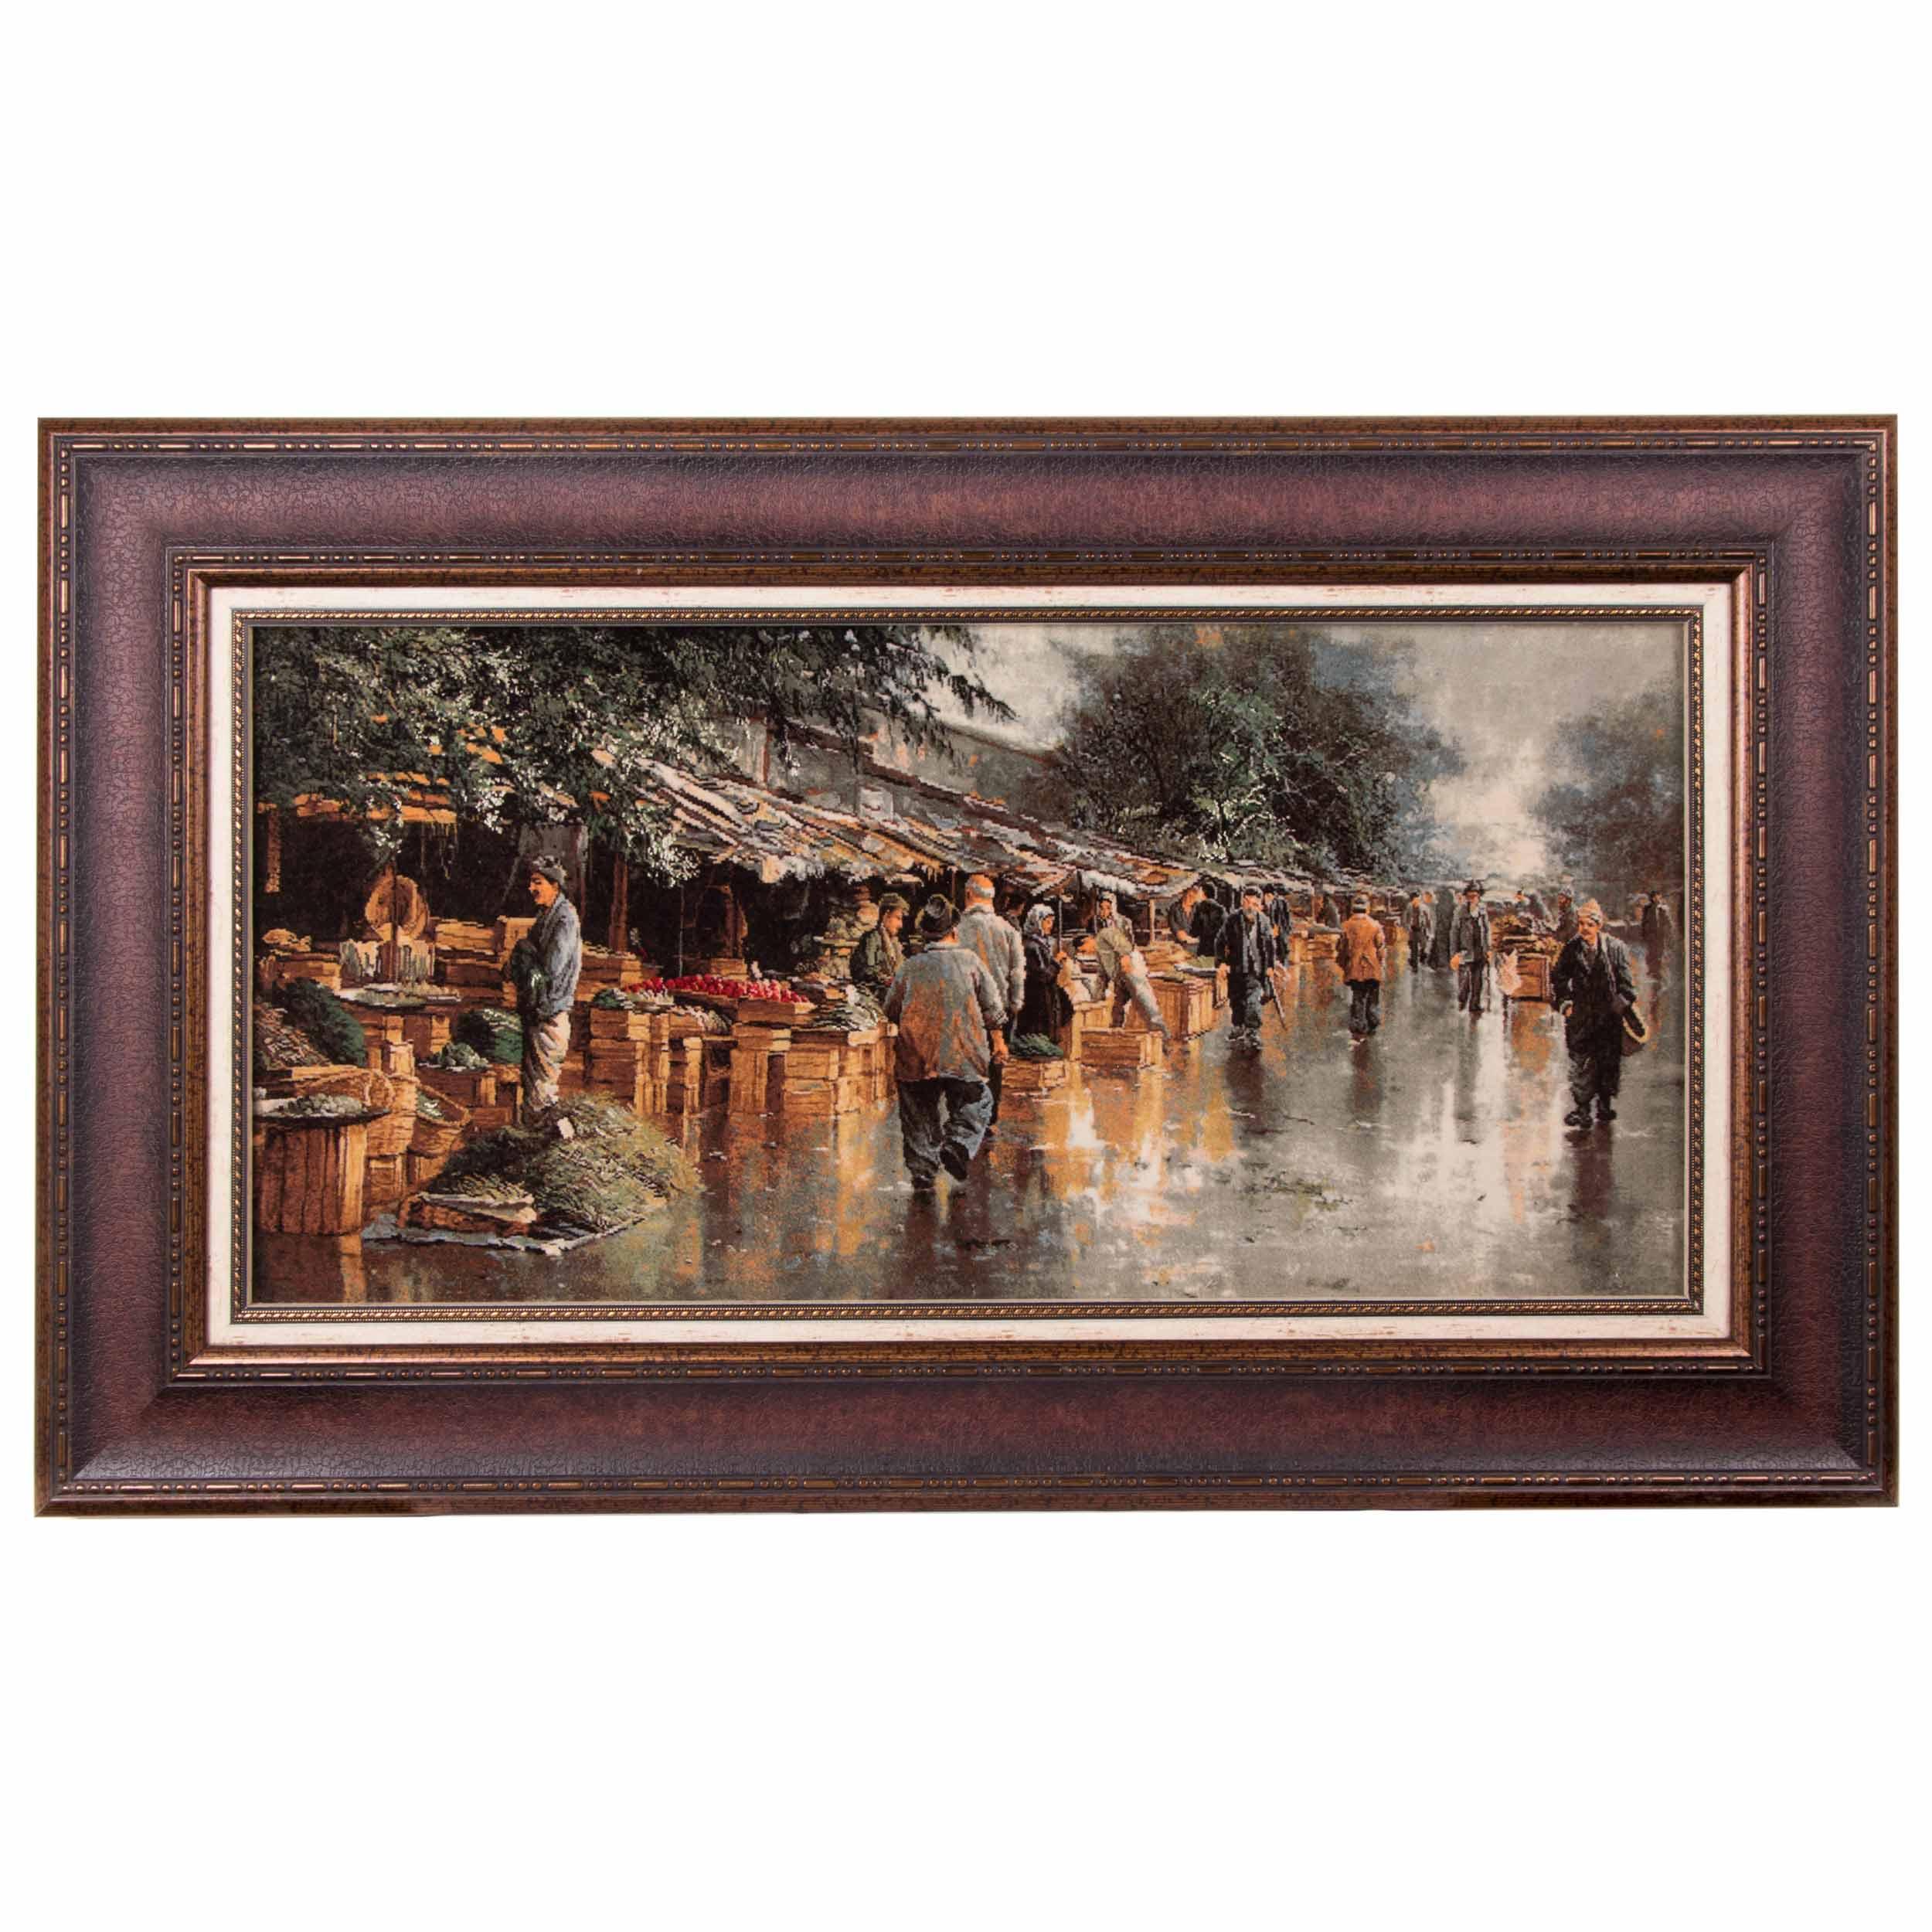 تابلو فرش دستباف بازار انزلی سی پرشیا کد 901572